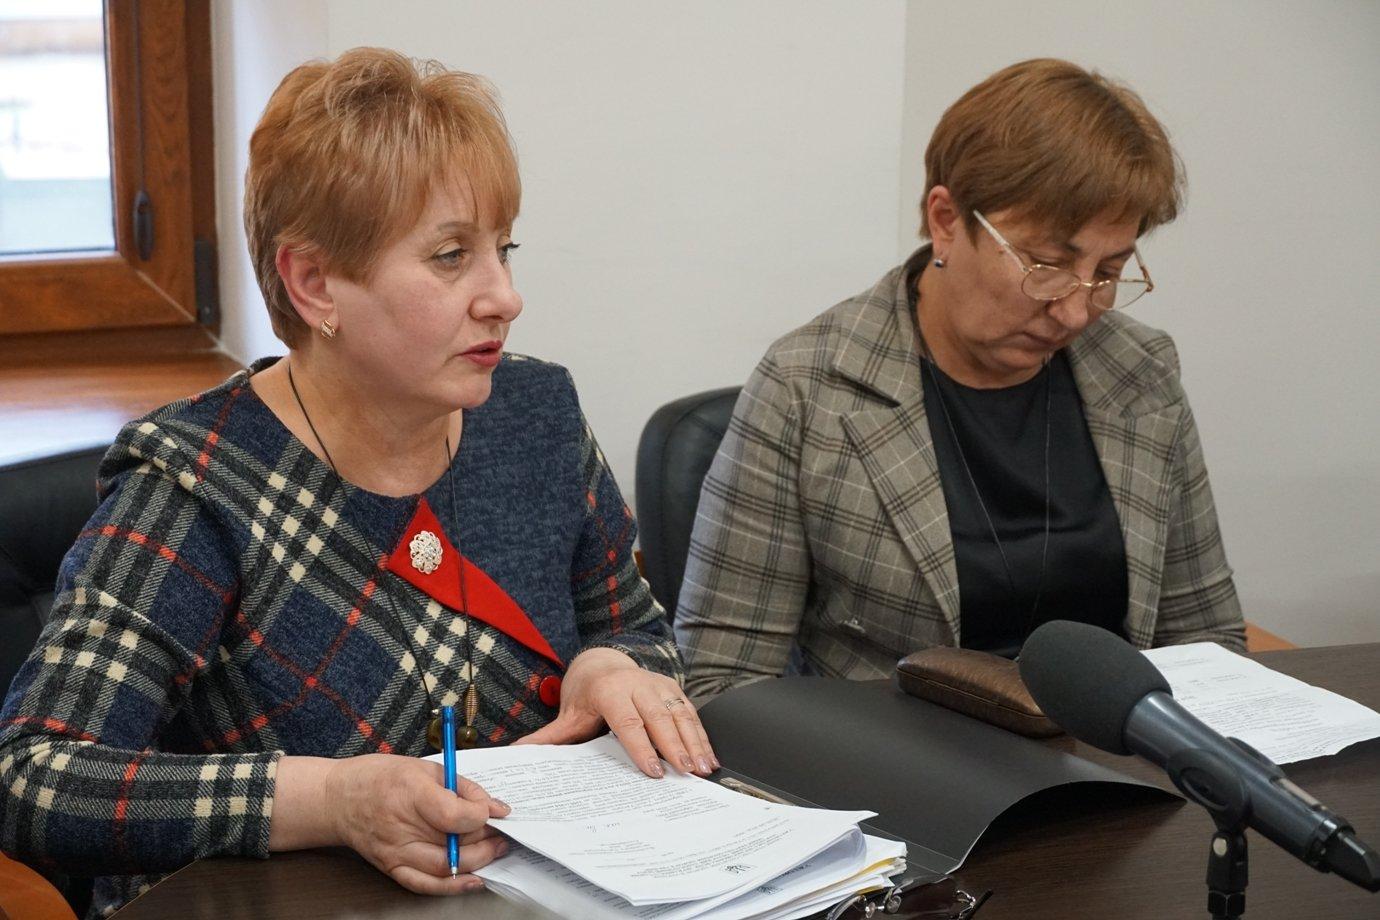 Садки працюватимуть: у міськраді Ужгорода розповіли, чому запровадили карантин у школах, фото-1